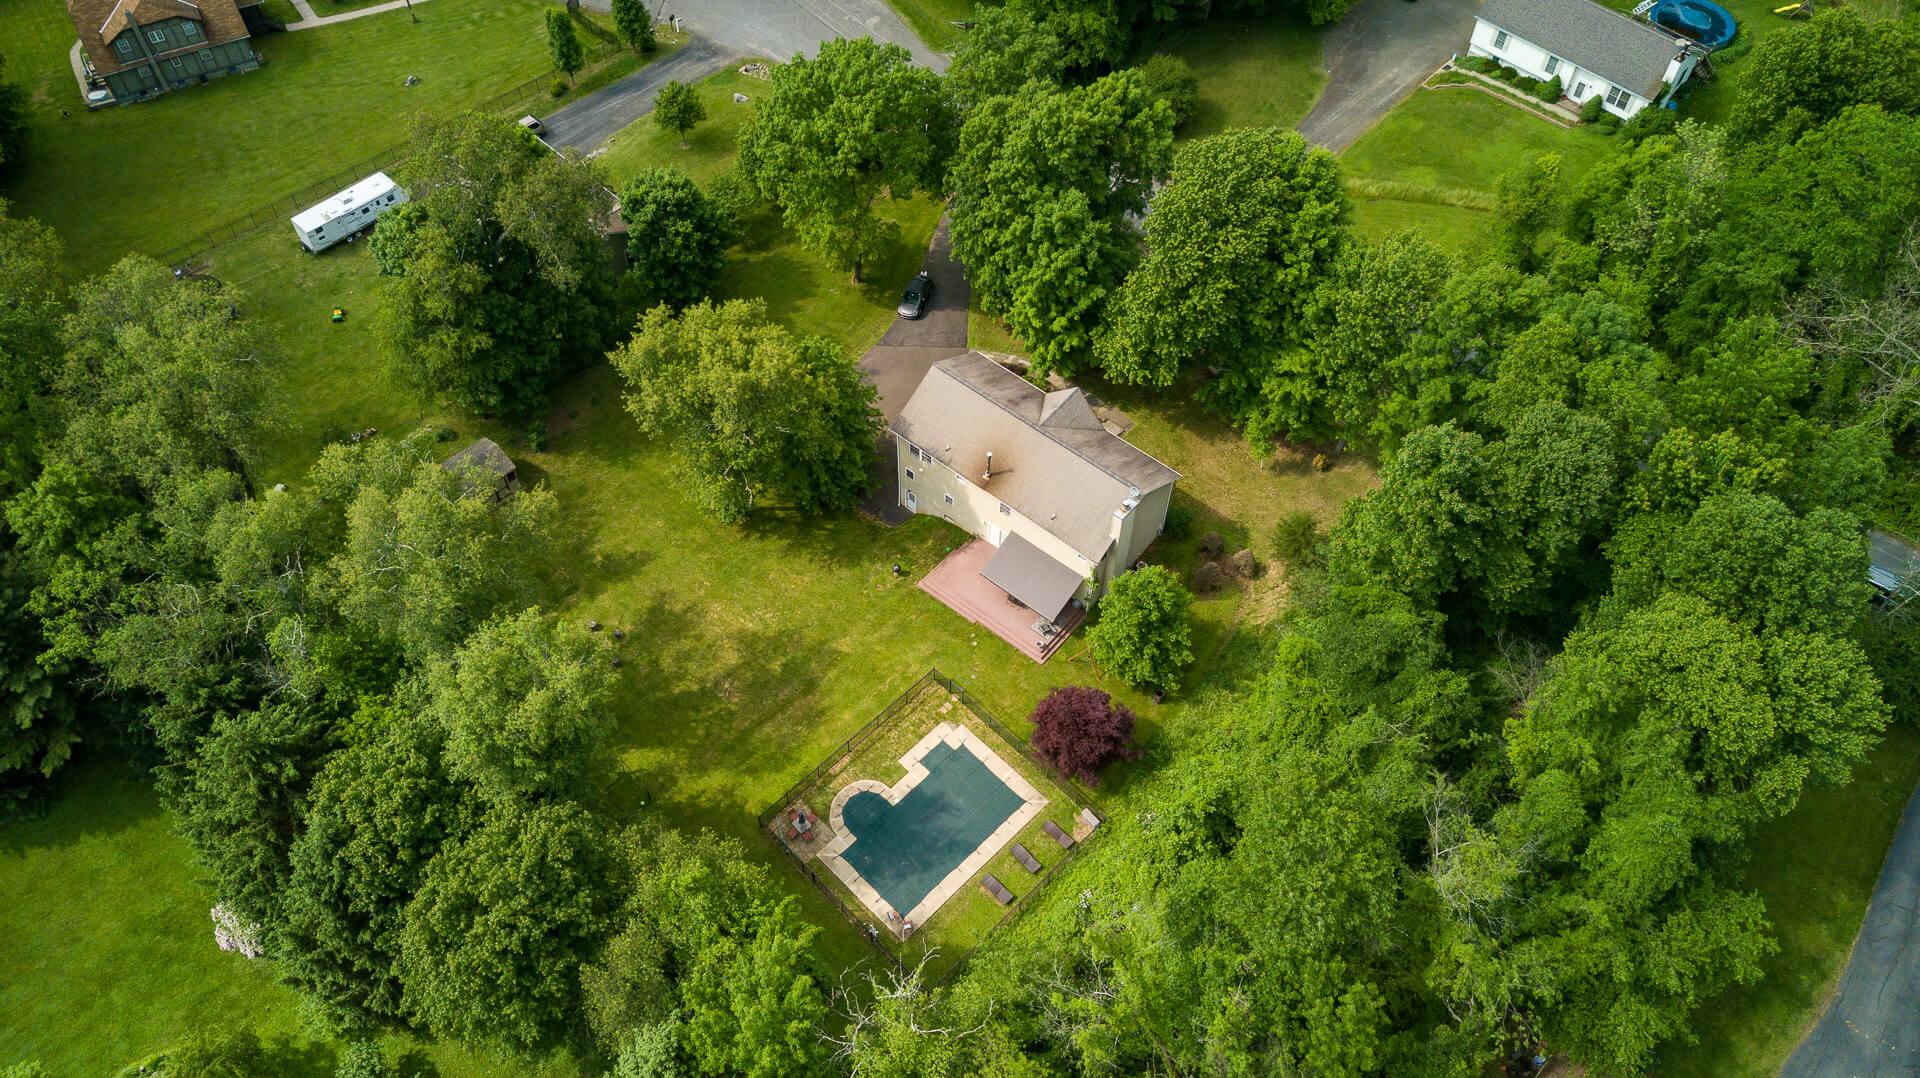 83 Duck Pond Road - Aerials-6.jpg